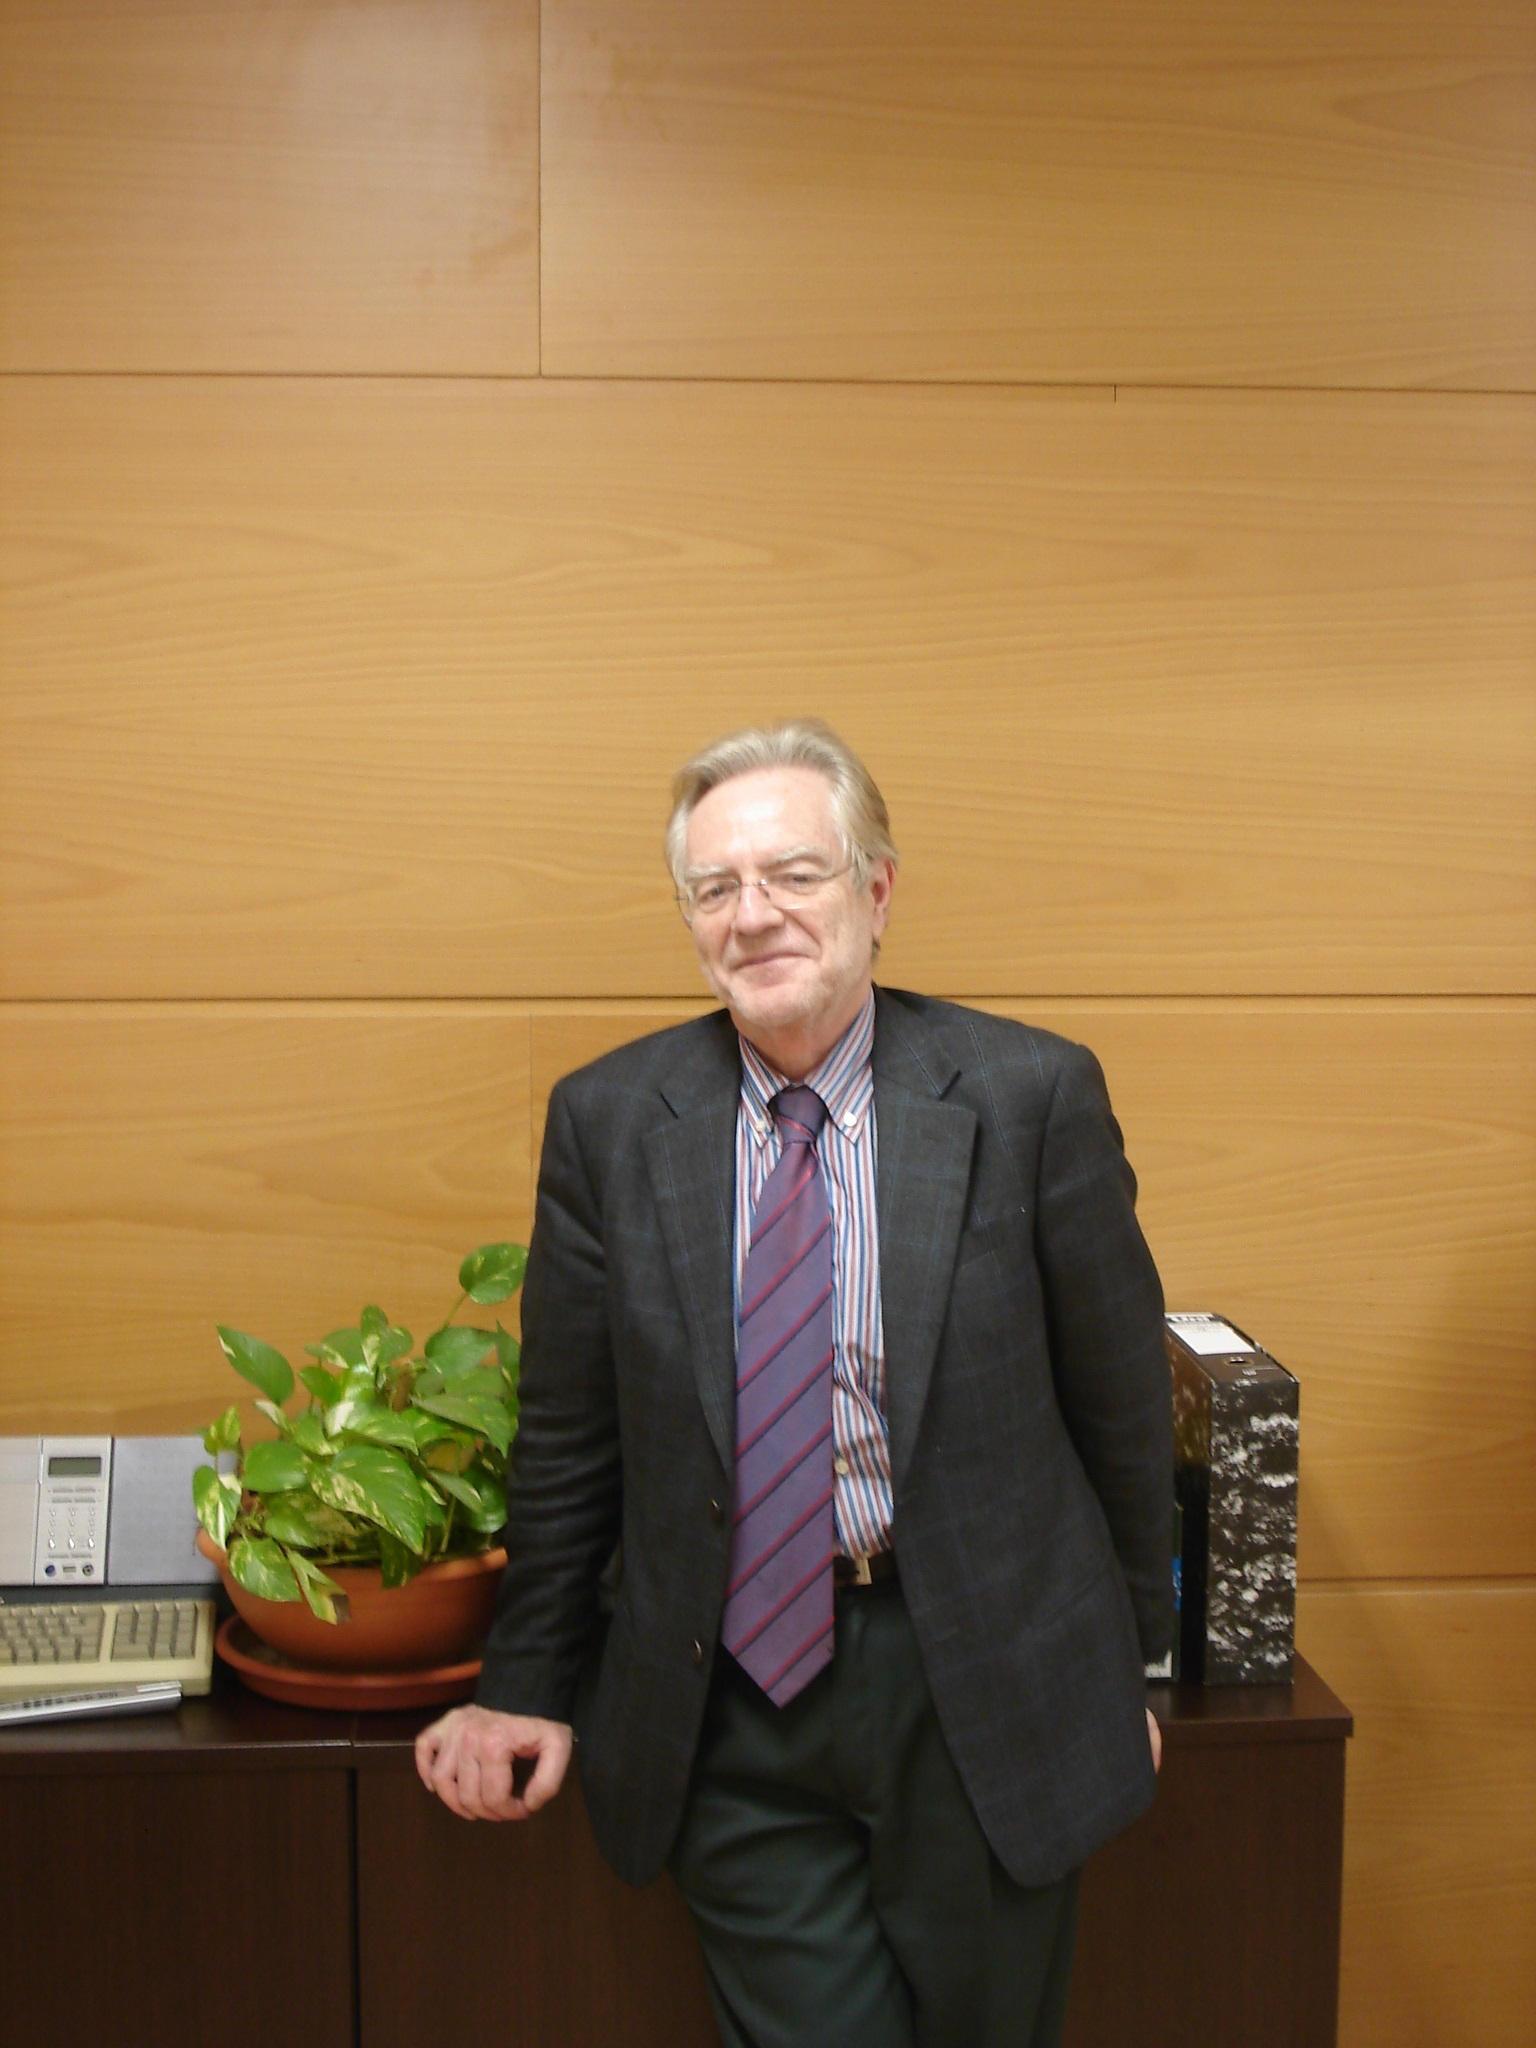 Javier Paniagua, director del centro Ferancisco Tomás y Valiente de la UNED Alzira-Valencia